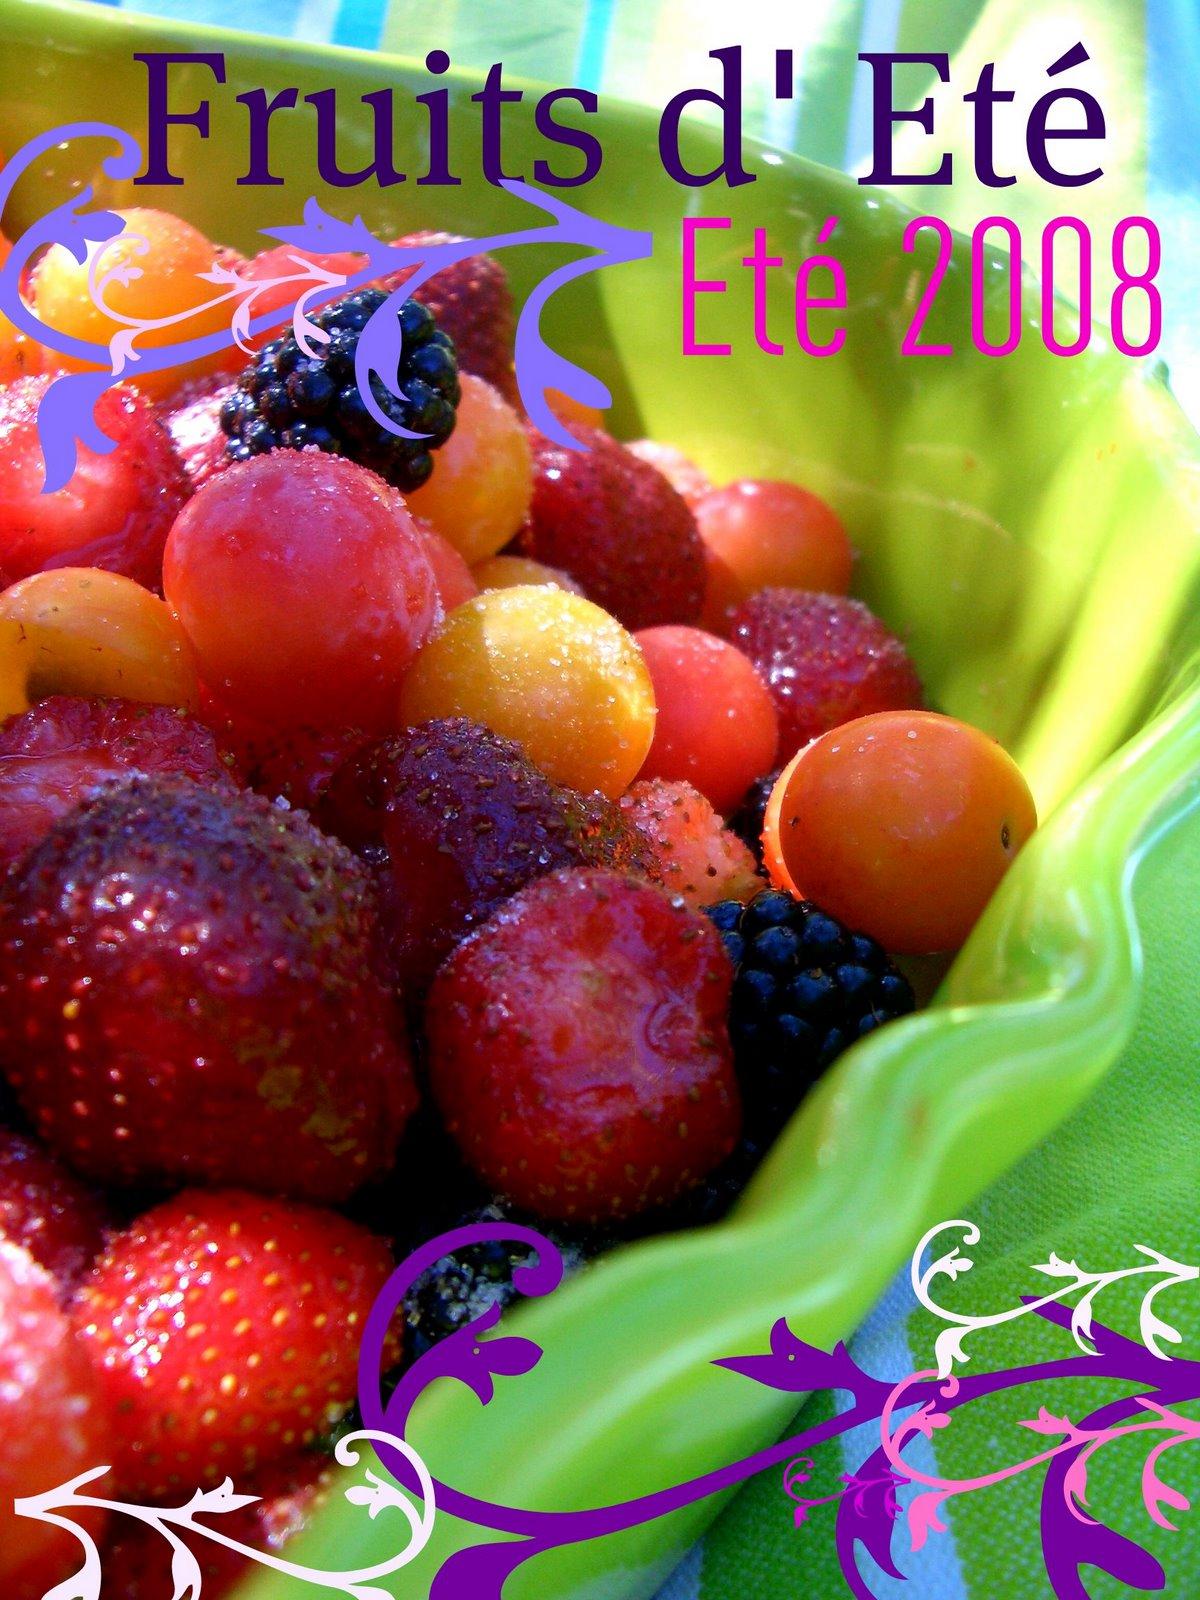 [fruits+d]